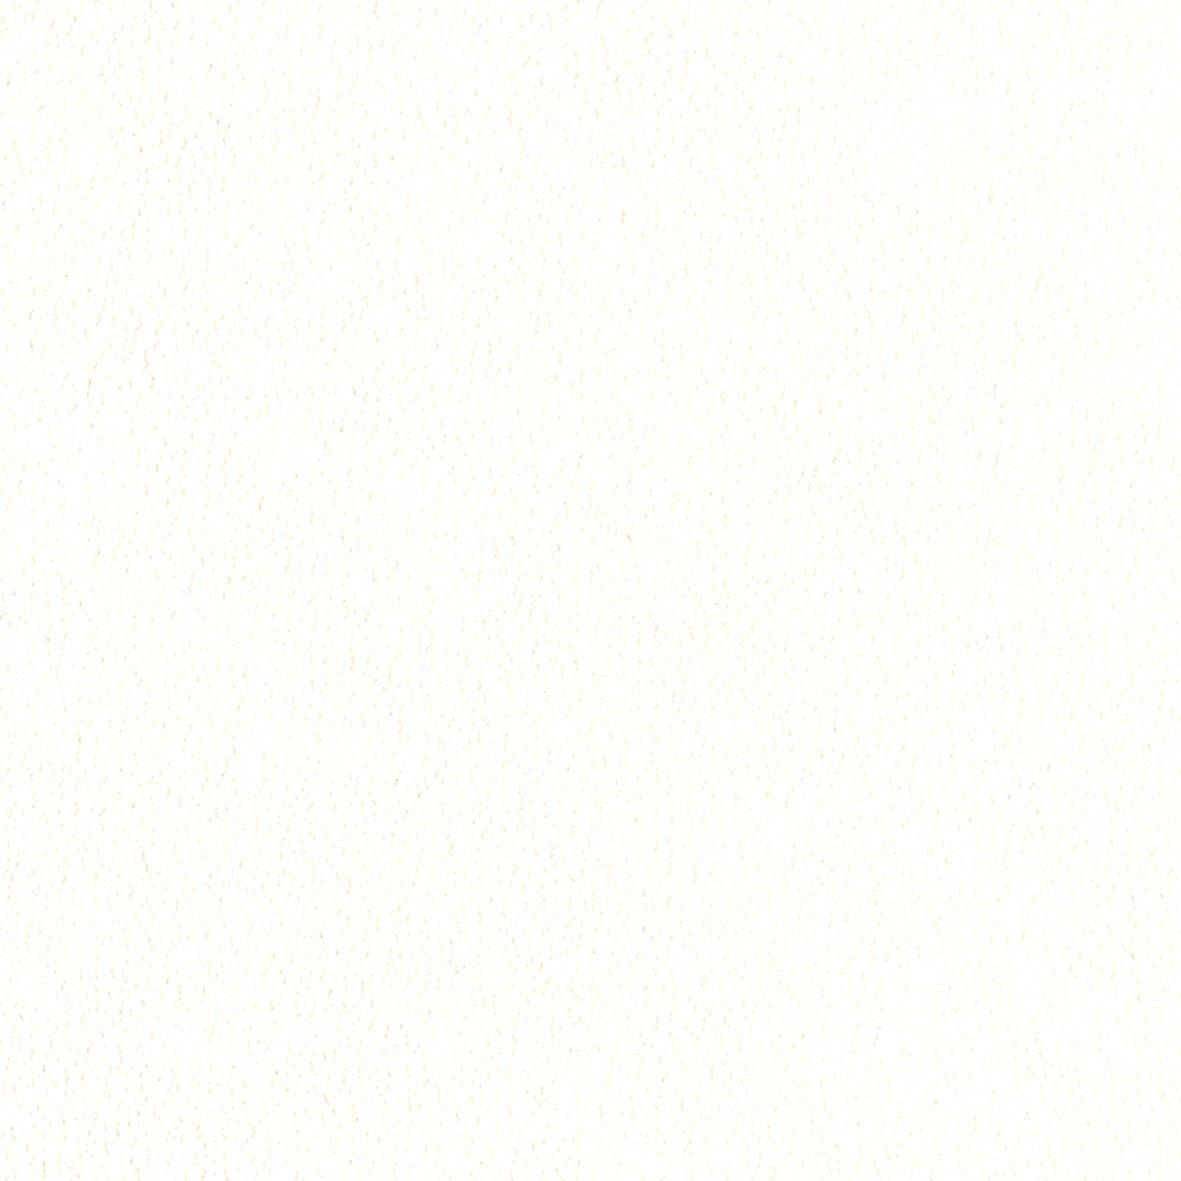 リリカラ 壁紙45m フェミニン 石目調 ホワイト カラーバリエーション LV-6167 B01IHS2OR8 45m|ホワイト